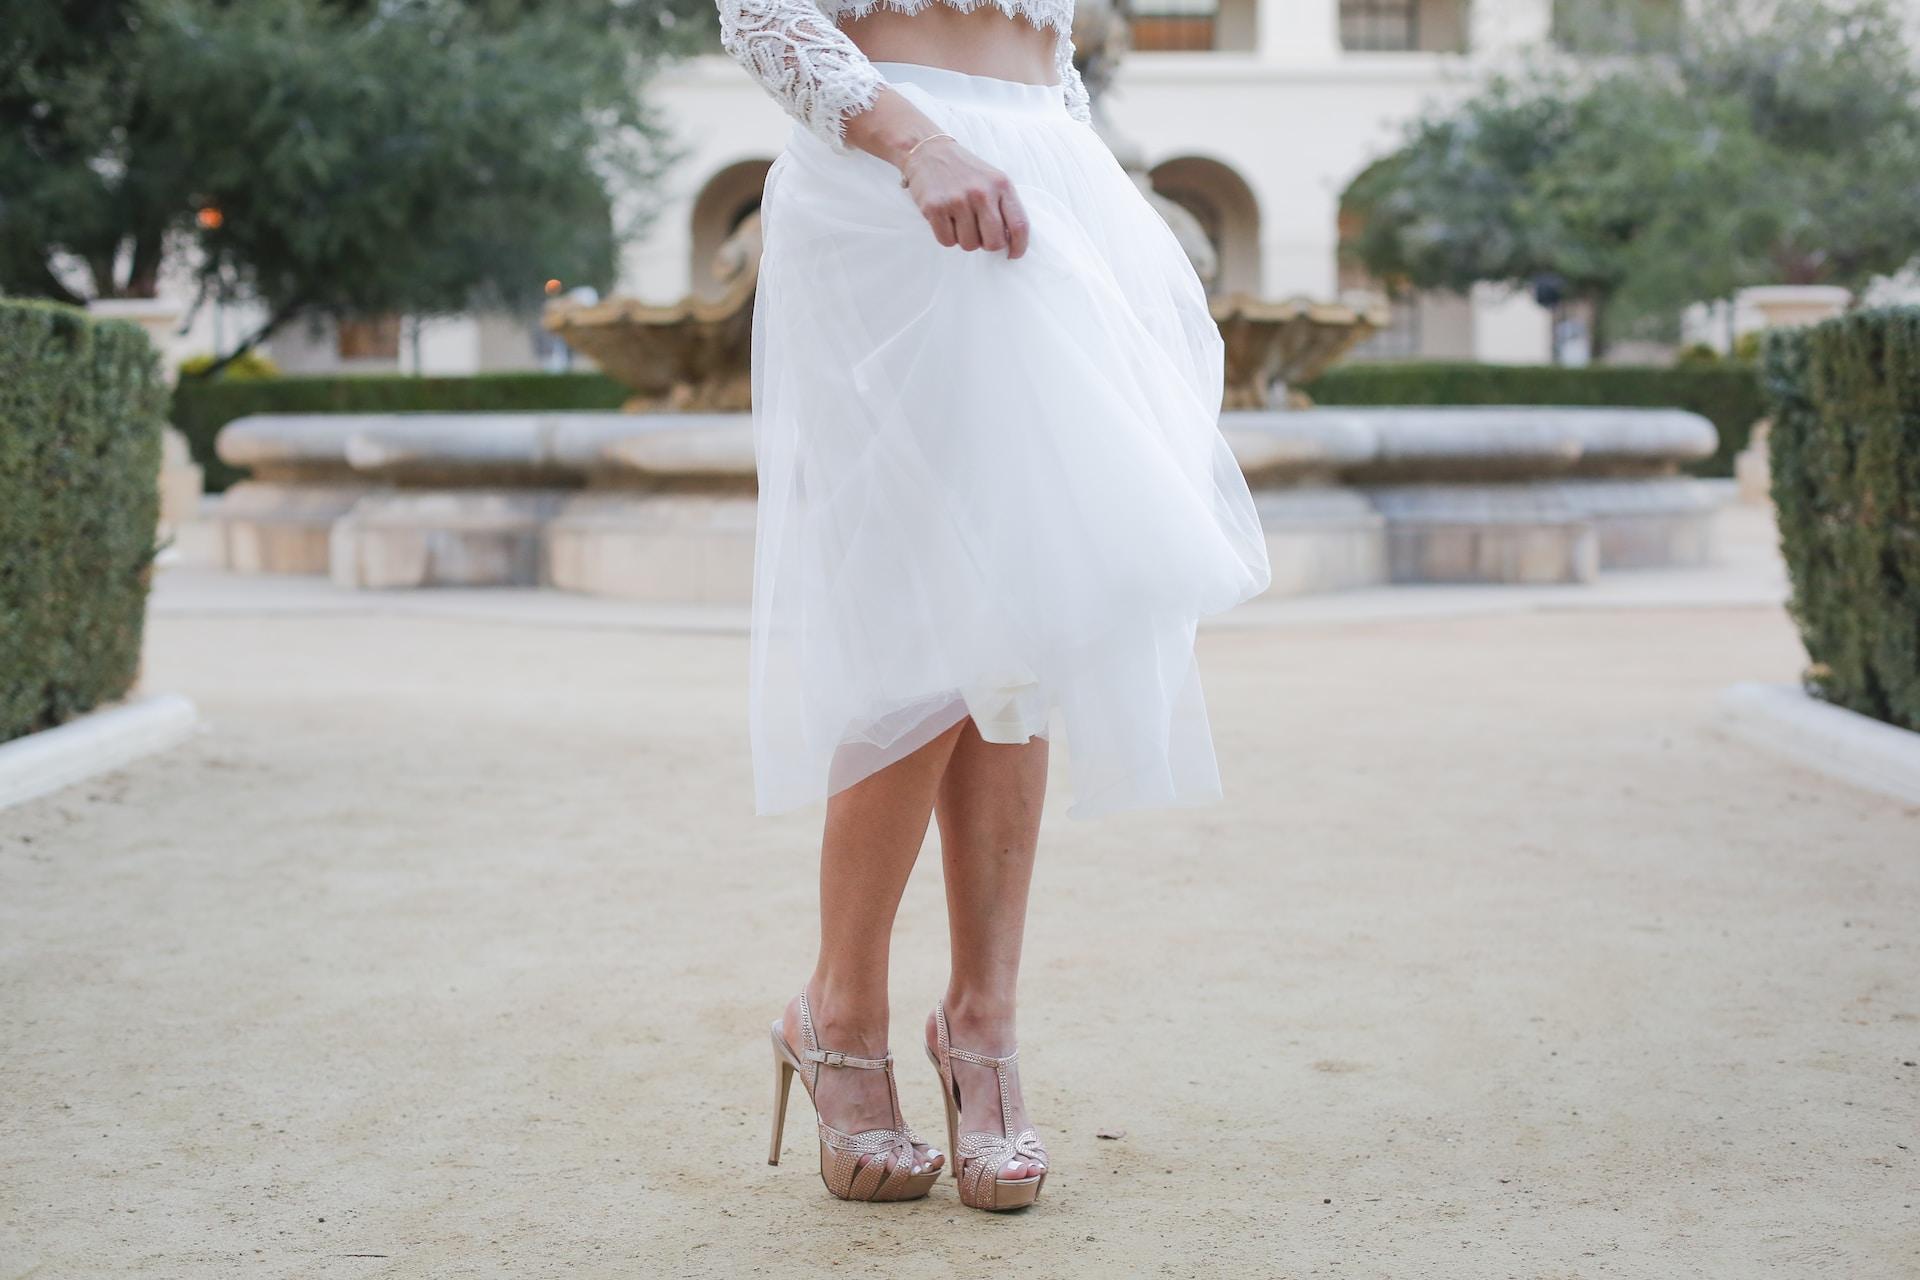 woman wearing white skirt